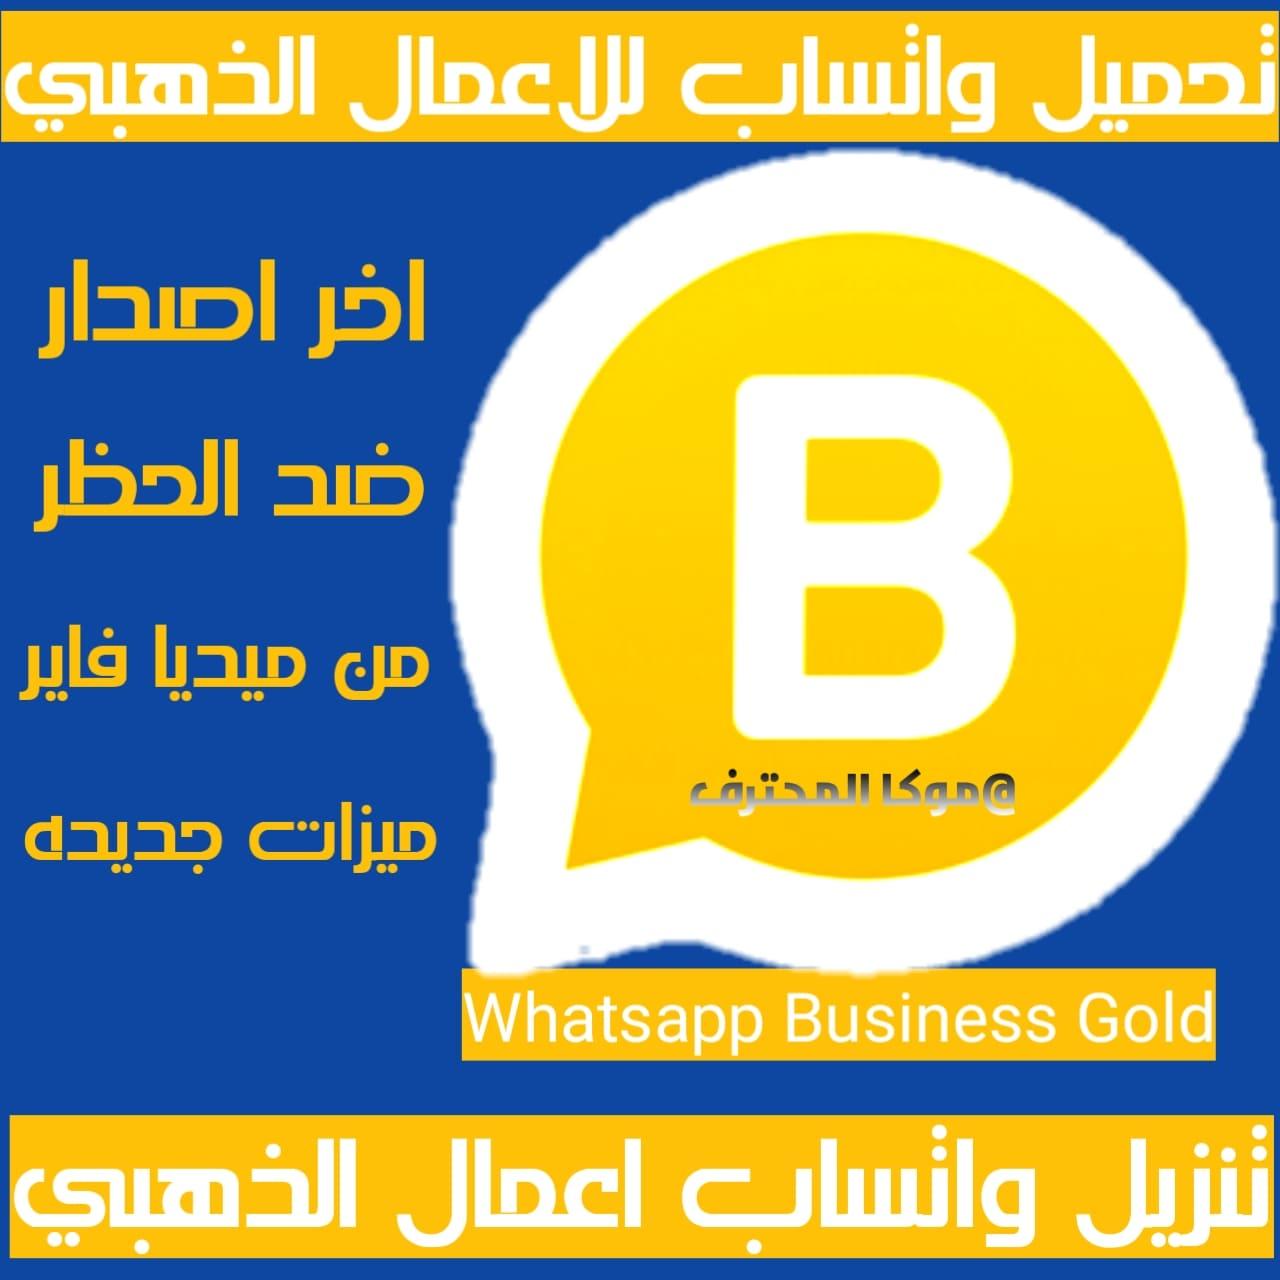 تنزيل واتساب للاعمال الذهبي اخر اصدار Whatsapp Business Gold